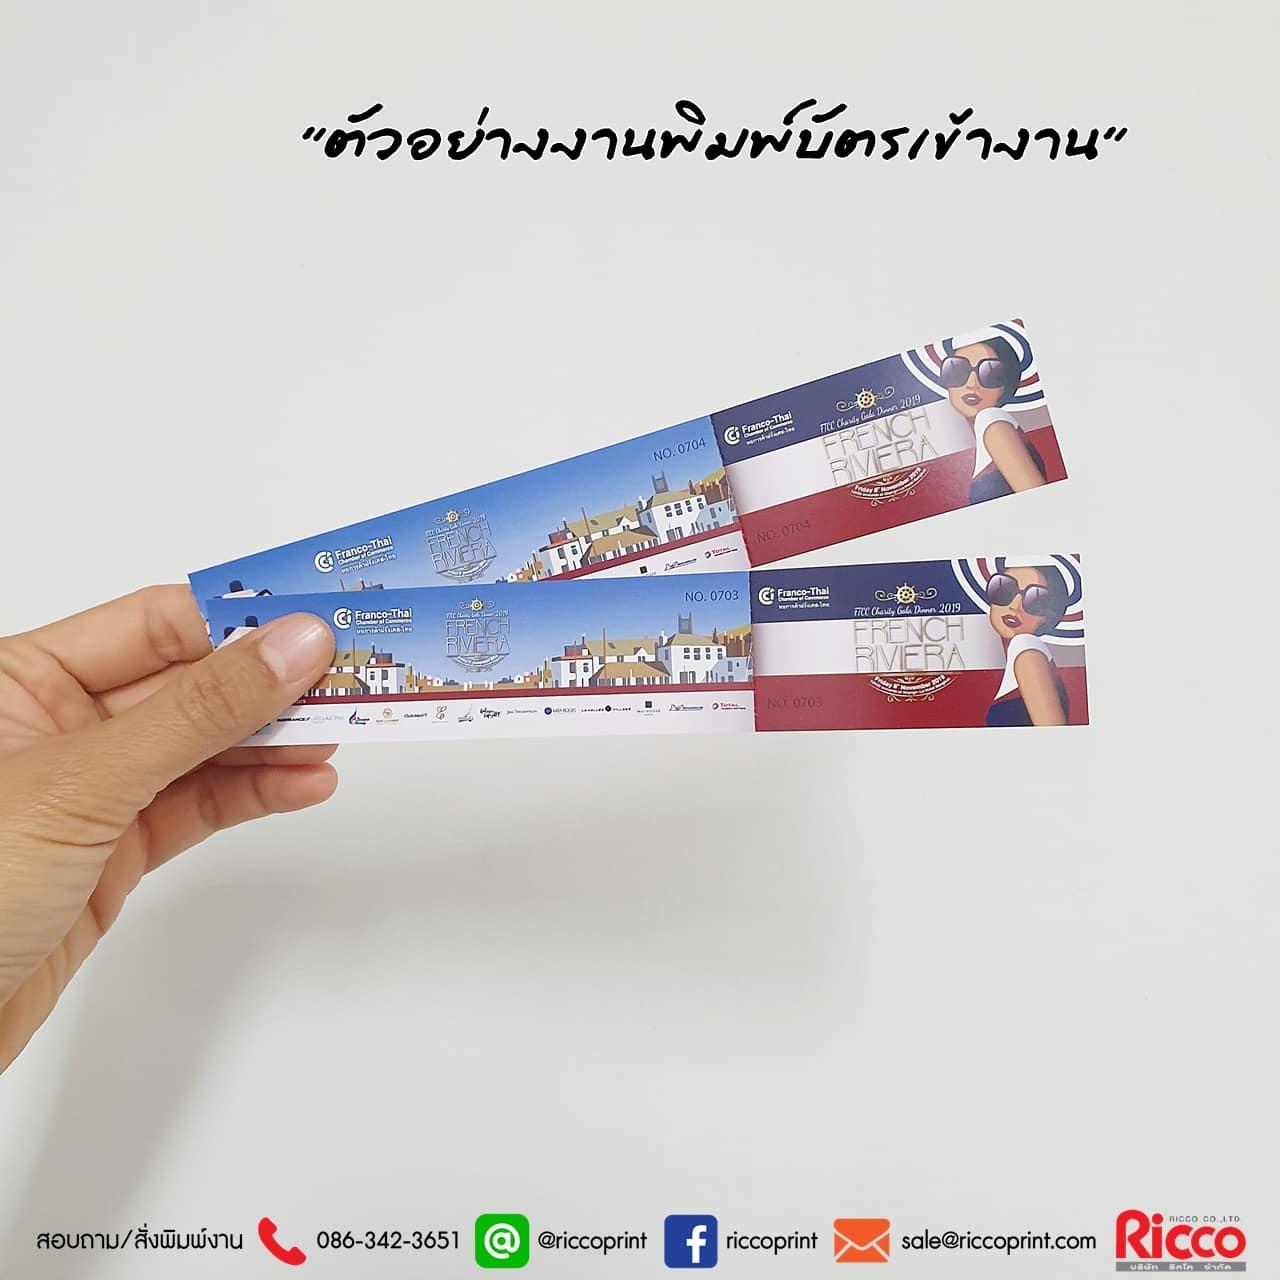 รูป Ticket 2019 1 - ประกอบเนื้อหา คูปอง บัตรกำนัล ตั๋ว